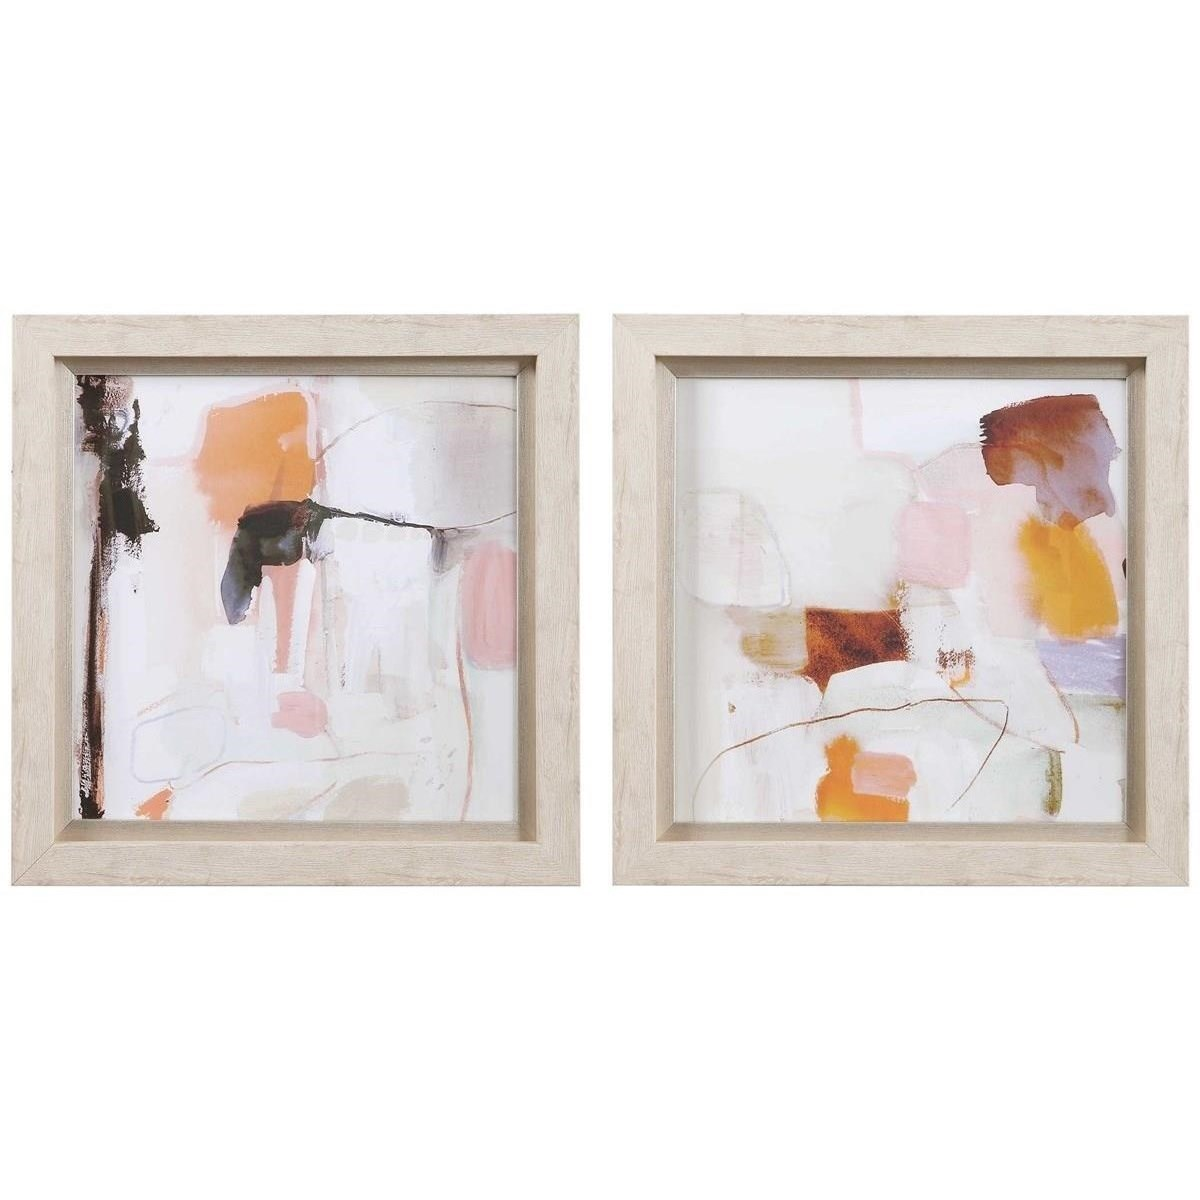 Framed Prints Ravel Framed Prints, Set/2 by Uttermost at Dunk & Bright Furniture